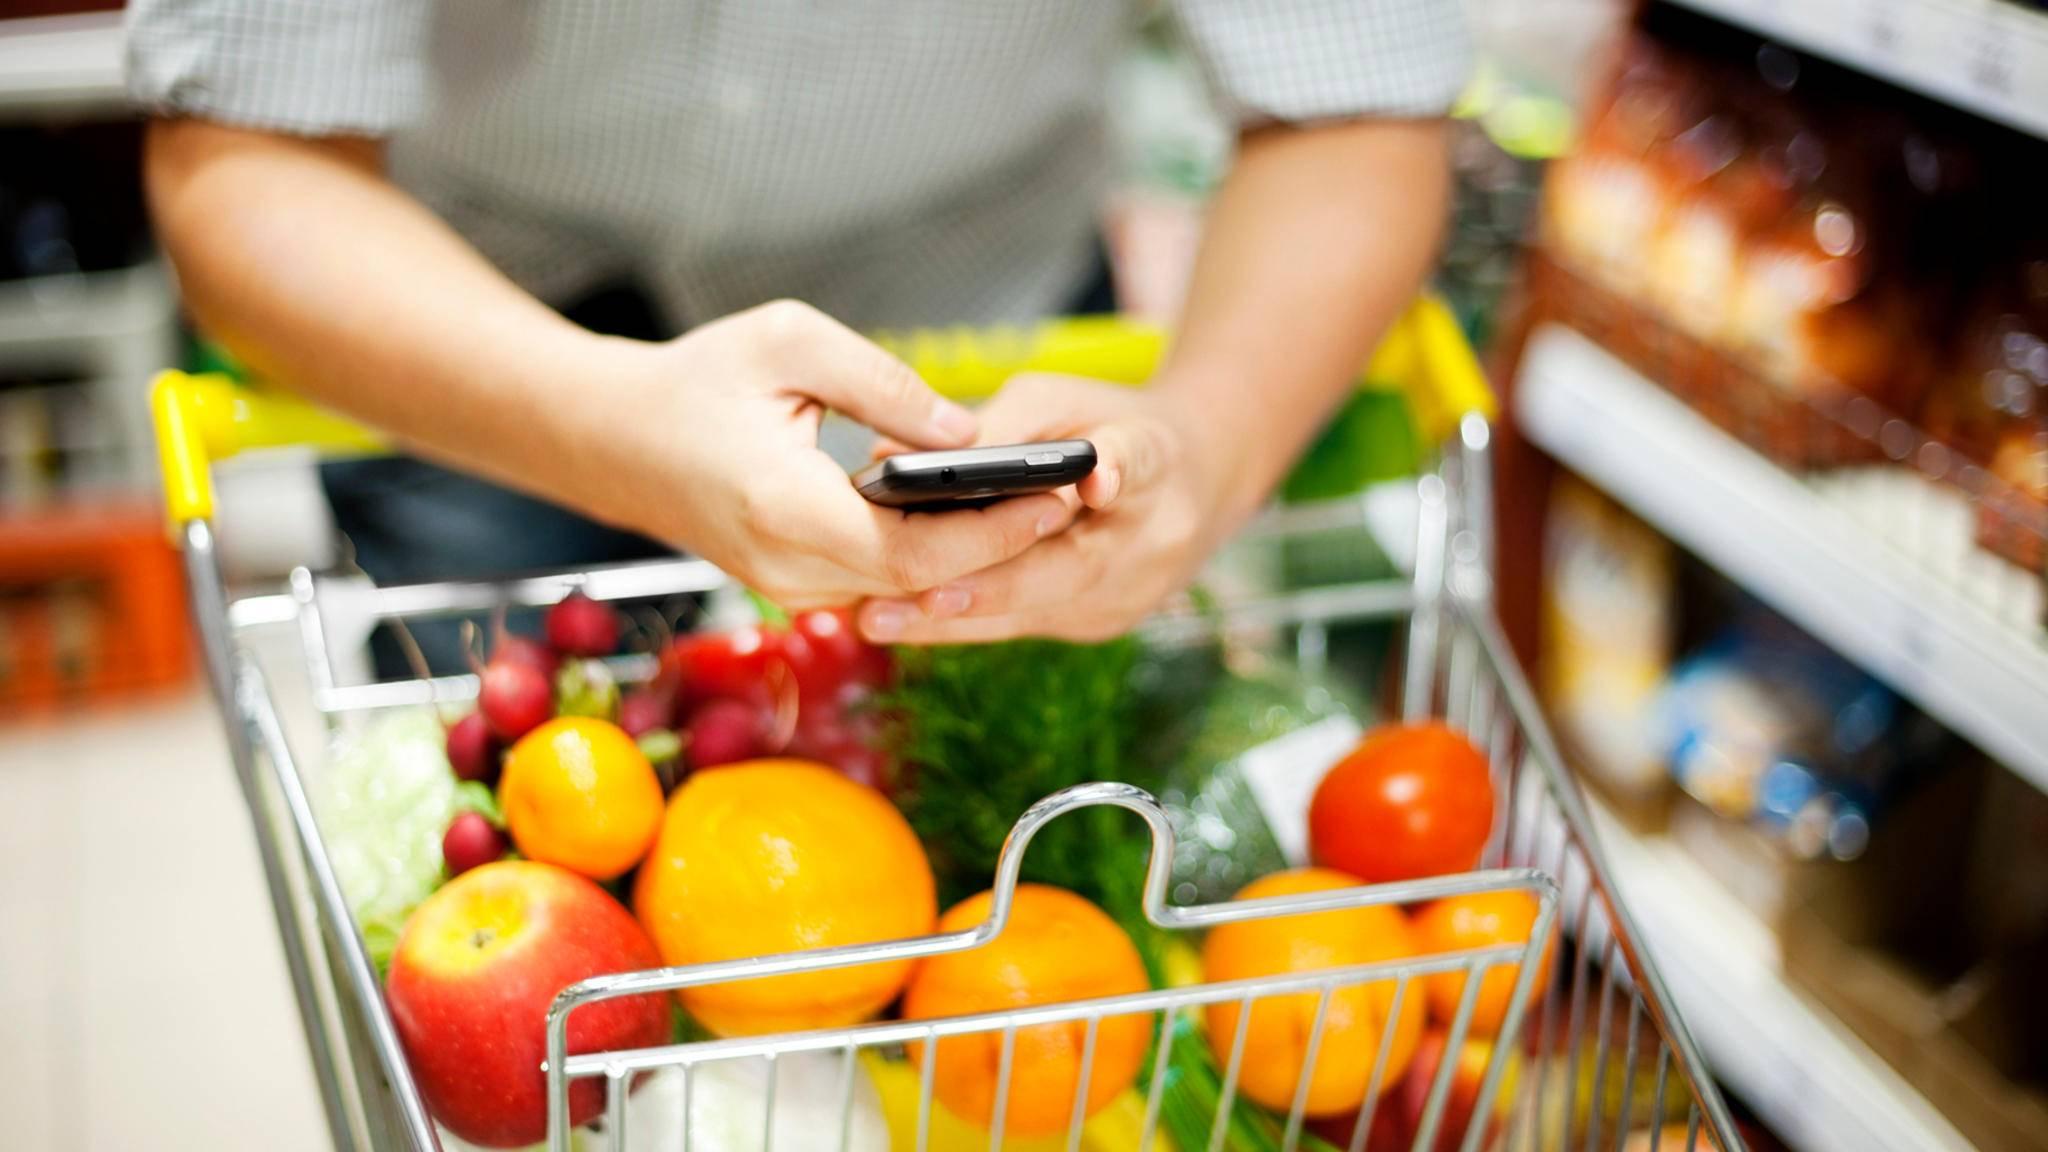 Beim Clean Eating kommen nur unverarbeitete Lebensmittel in den Einkaufwagen.